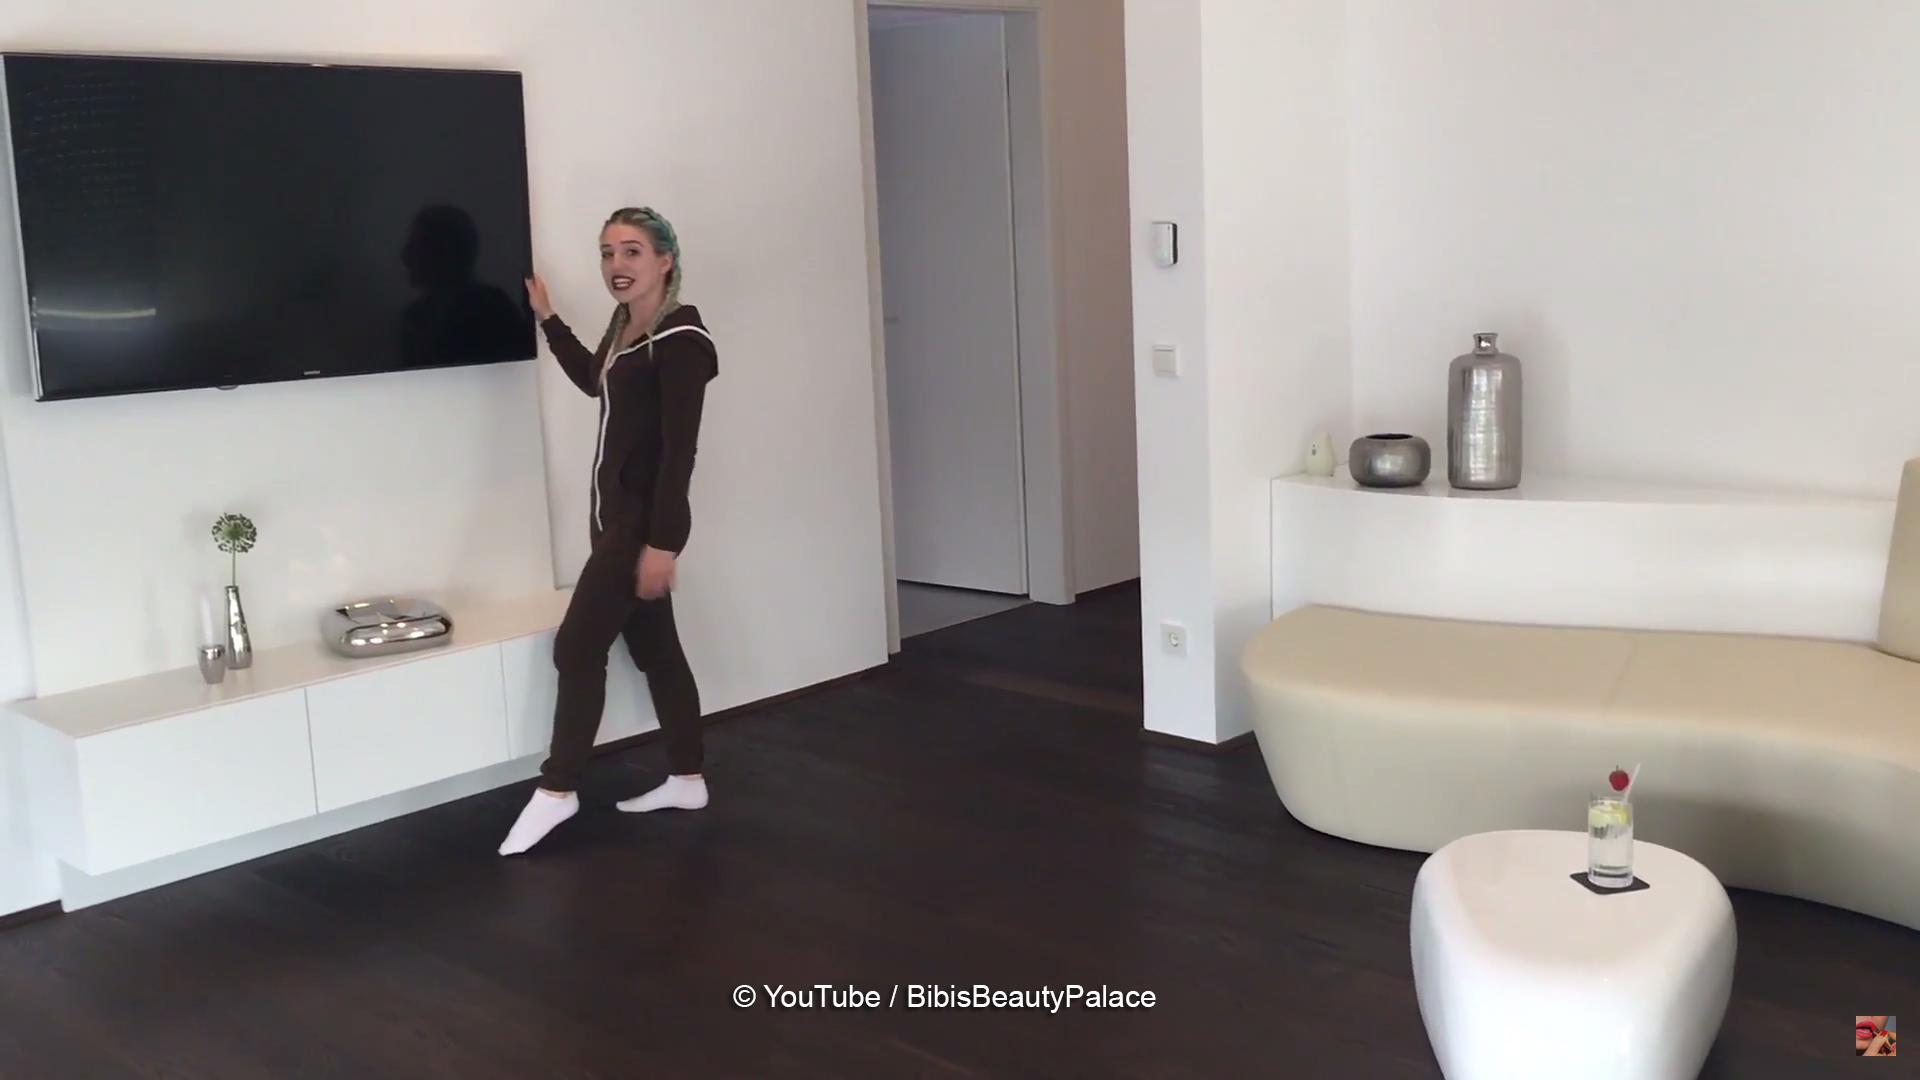 Bibisbeautypalace zeigt ihre neue stylische wohnung - Youtube wohnung ...